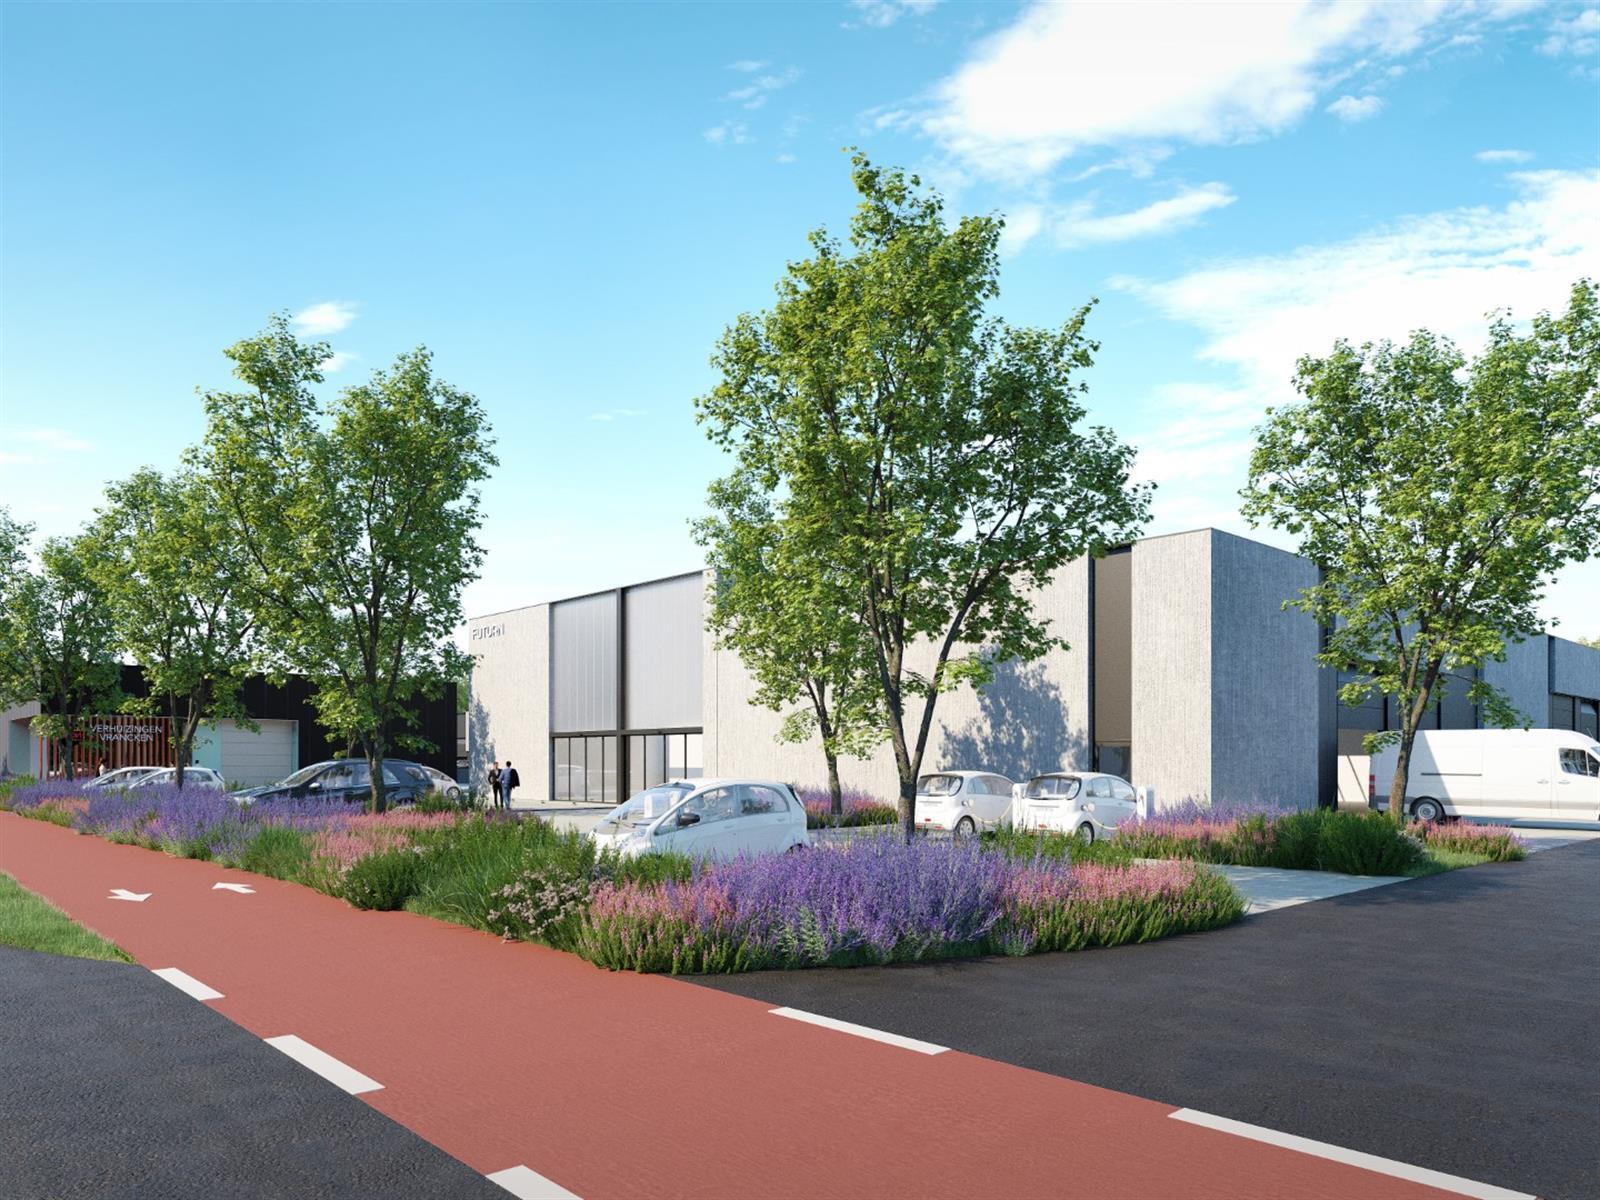 KMO-unit te koop Heros Businesspark KMO Unit 3 - Herkenrodesingel 10, 3500 Hasselt, België 6